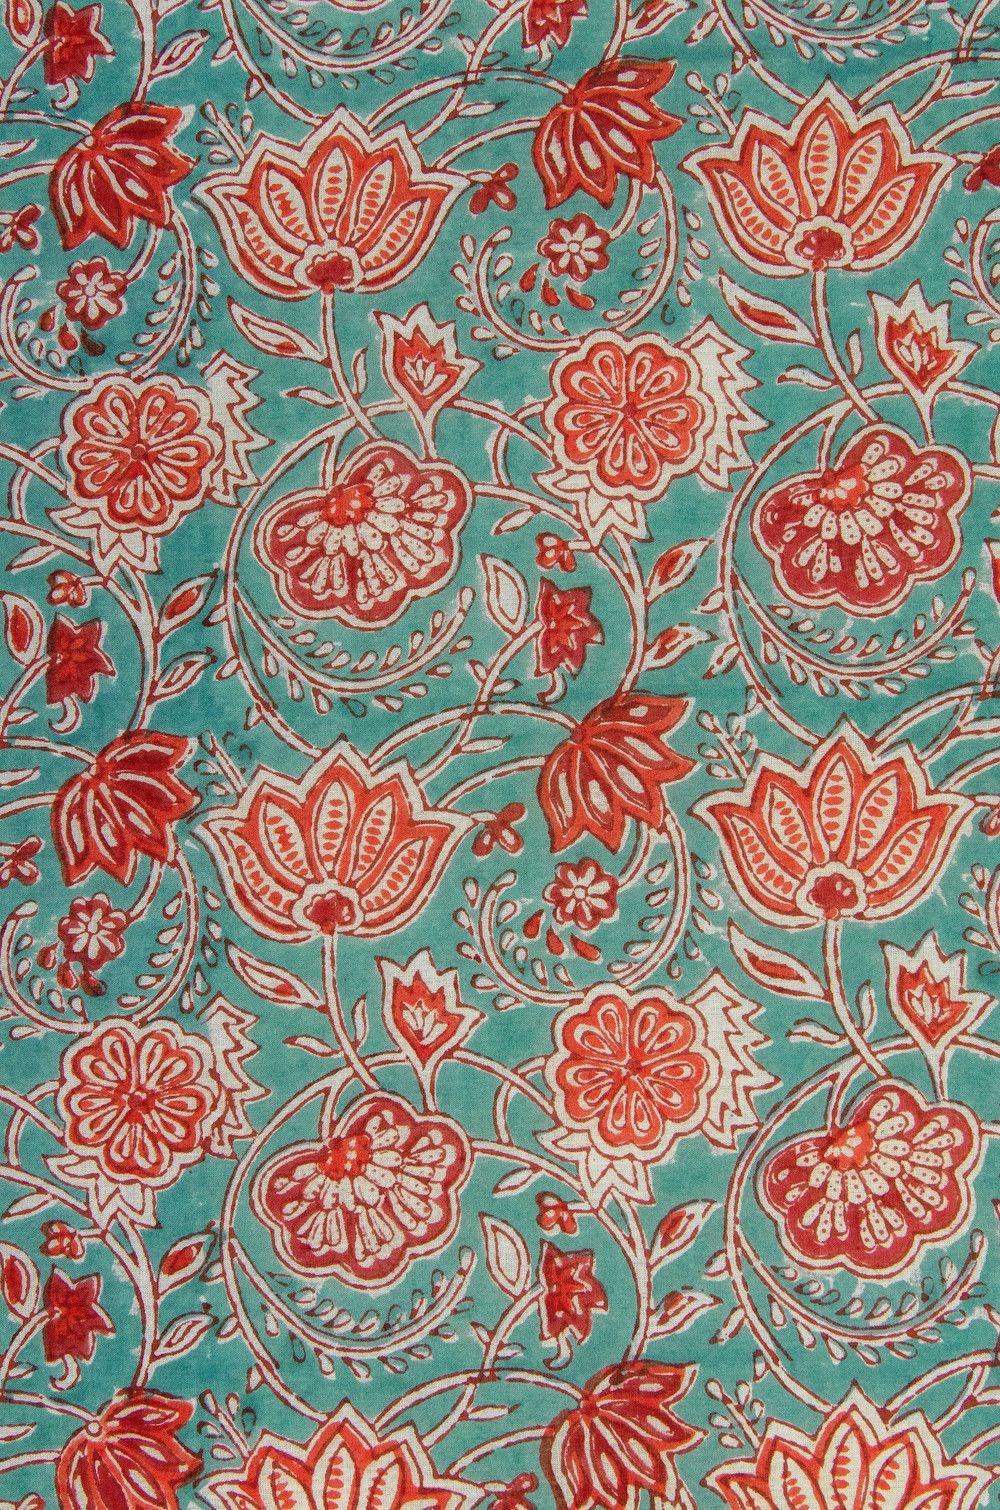 Stoff Blumen Blutenranken In Orange Weiss Blockprint Indien Ein Designerstuck Von Garnfaktur Bei Dawanda Stoffe Zum Nahen Stoff Muster